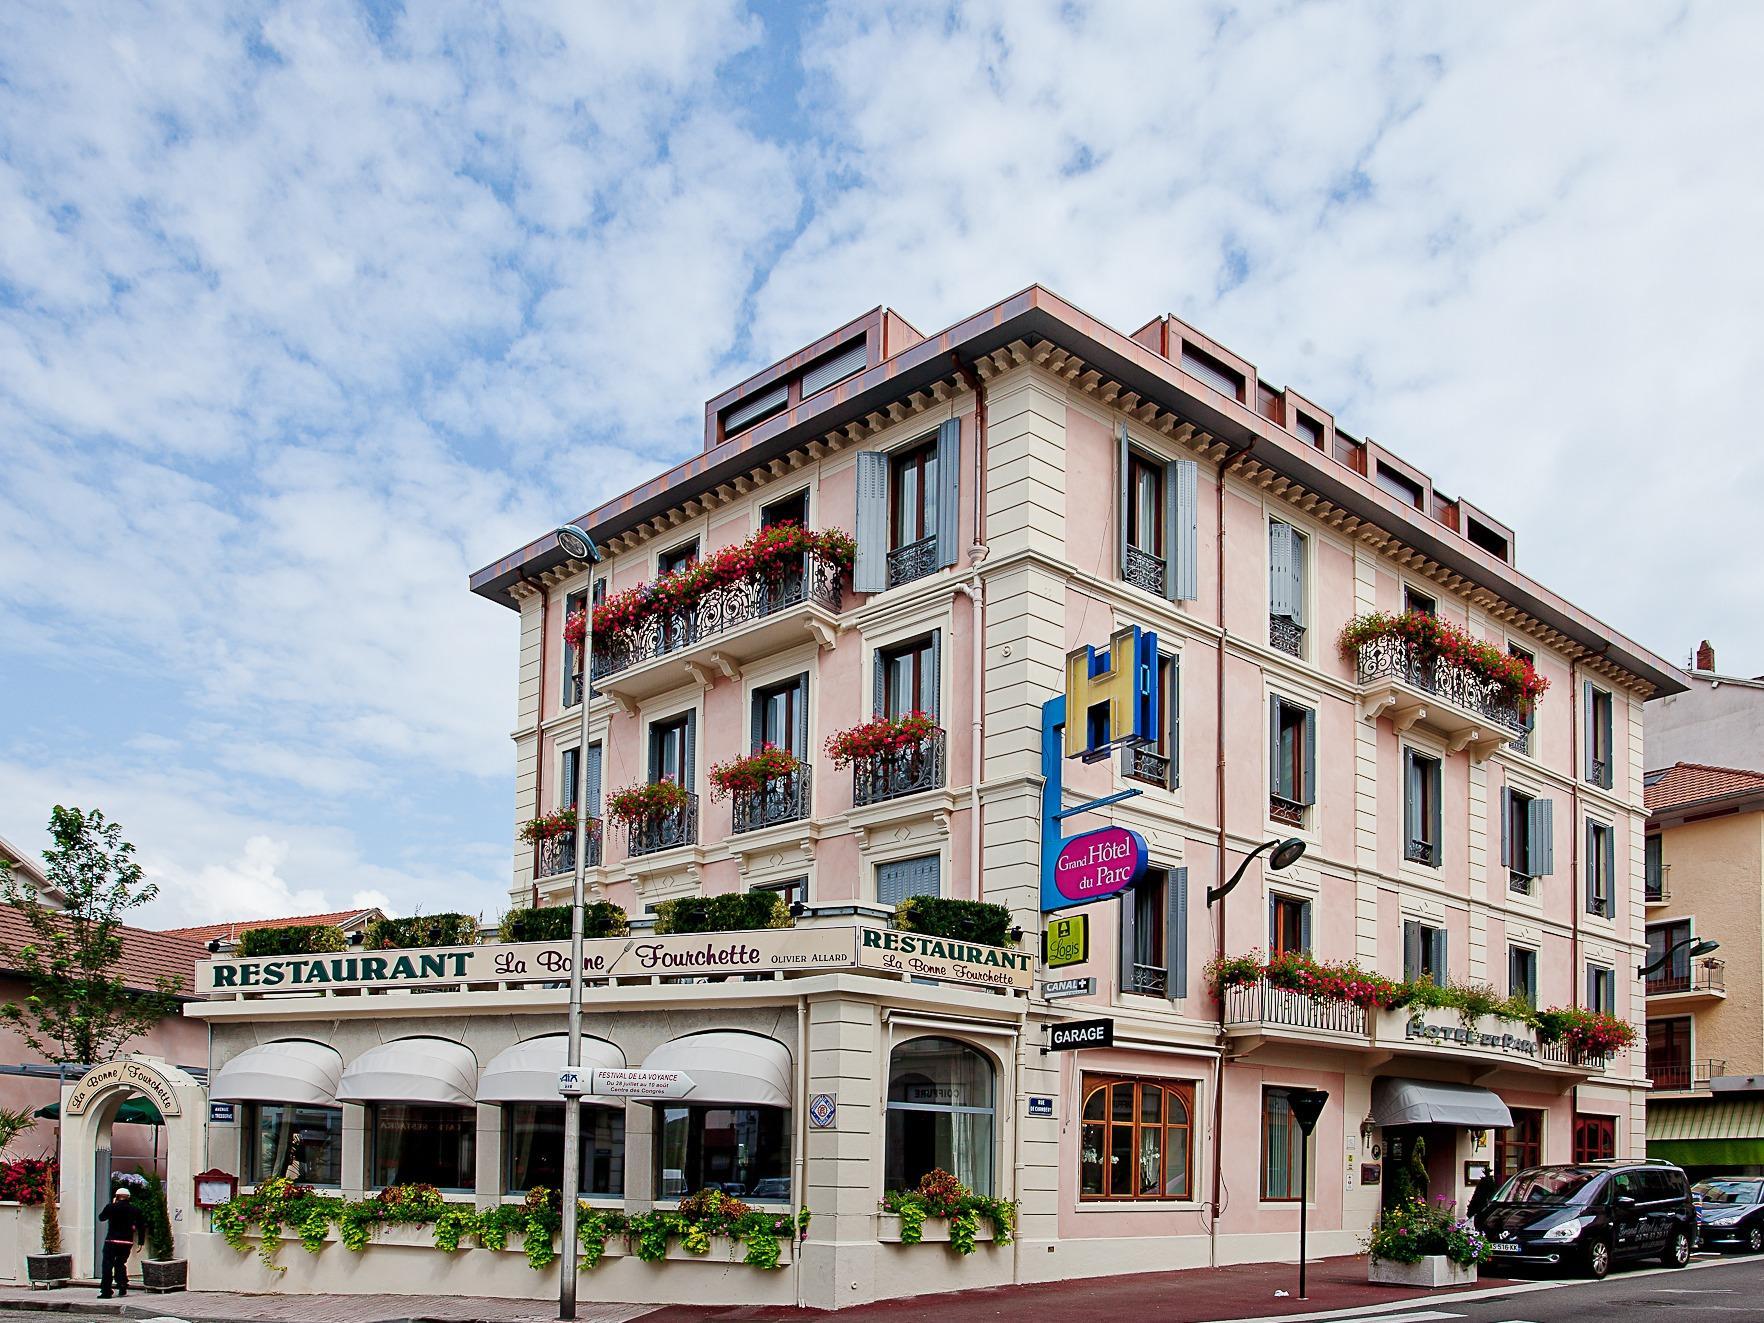 Grand hotel du parc aix les bains - Restaurant la folie des grandeurs aix les bains ...